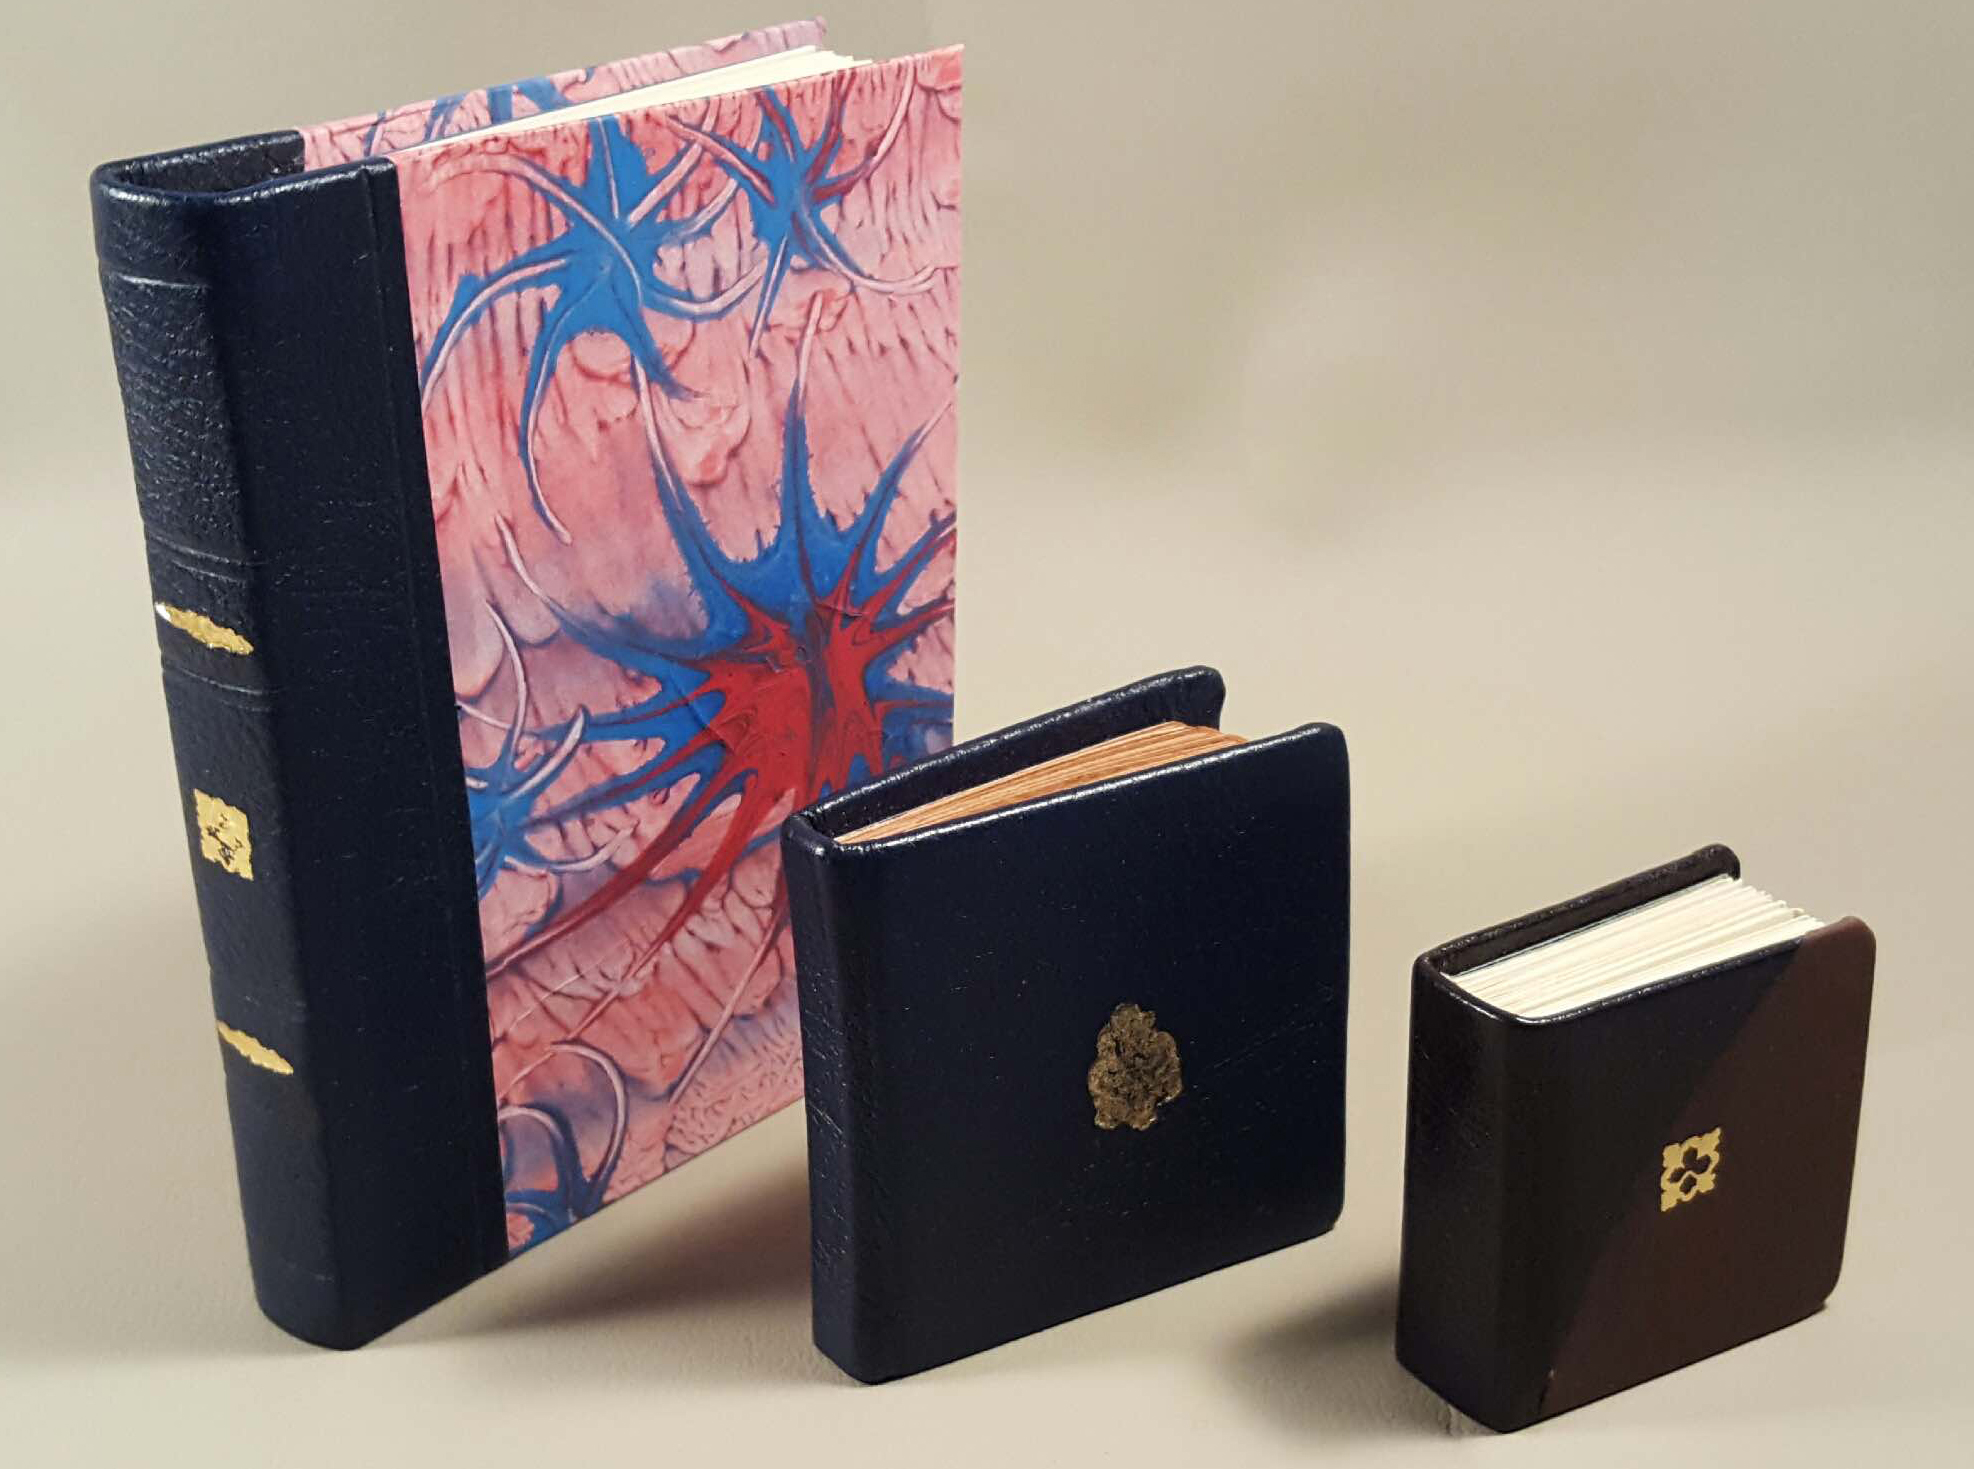 Handbound Books by Eduardo Garcia